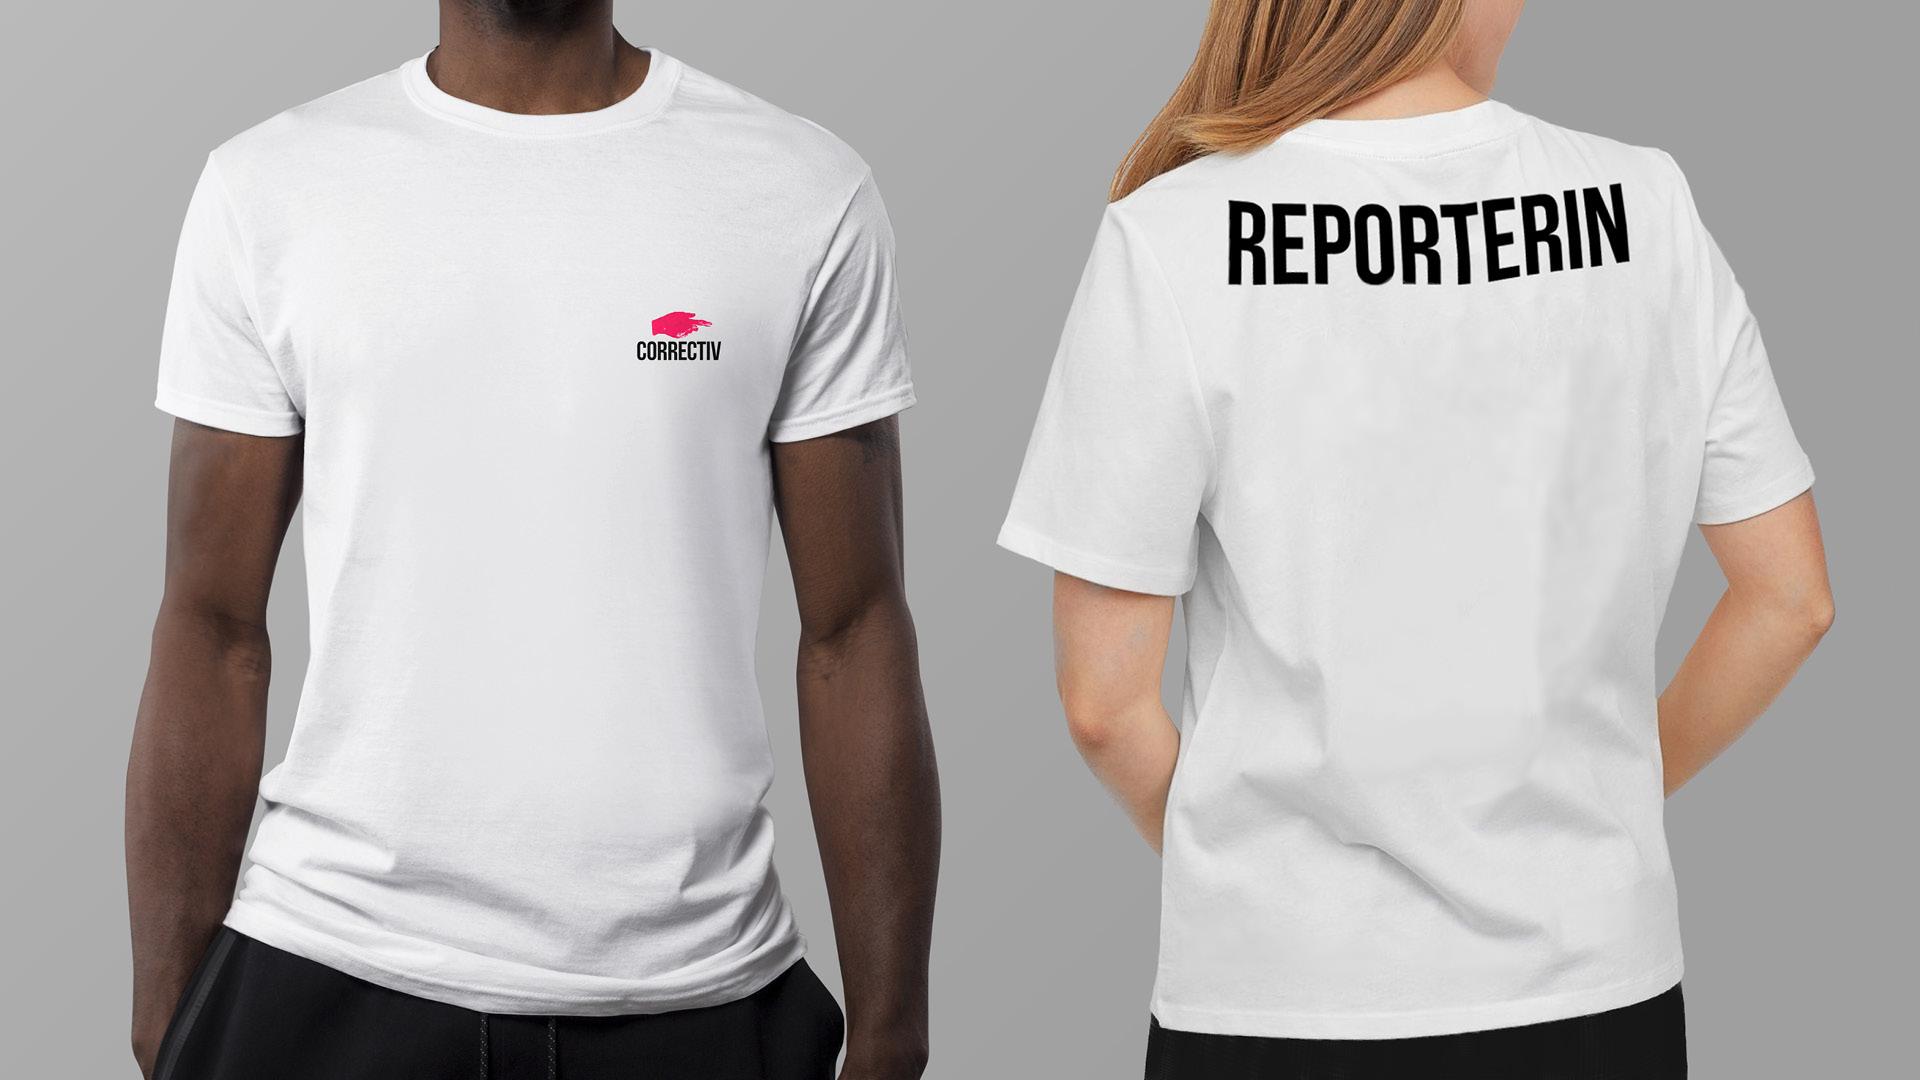 210406_Correctiv_T-Shirts_16zu9